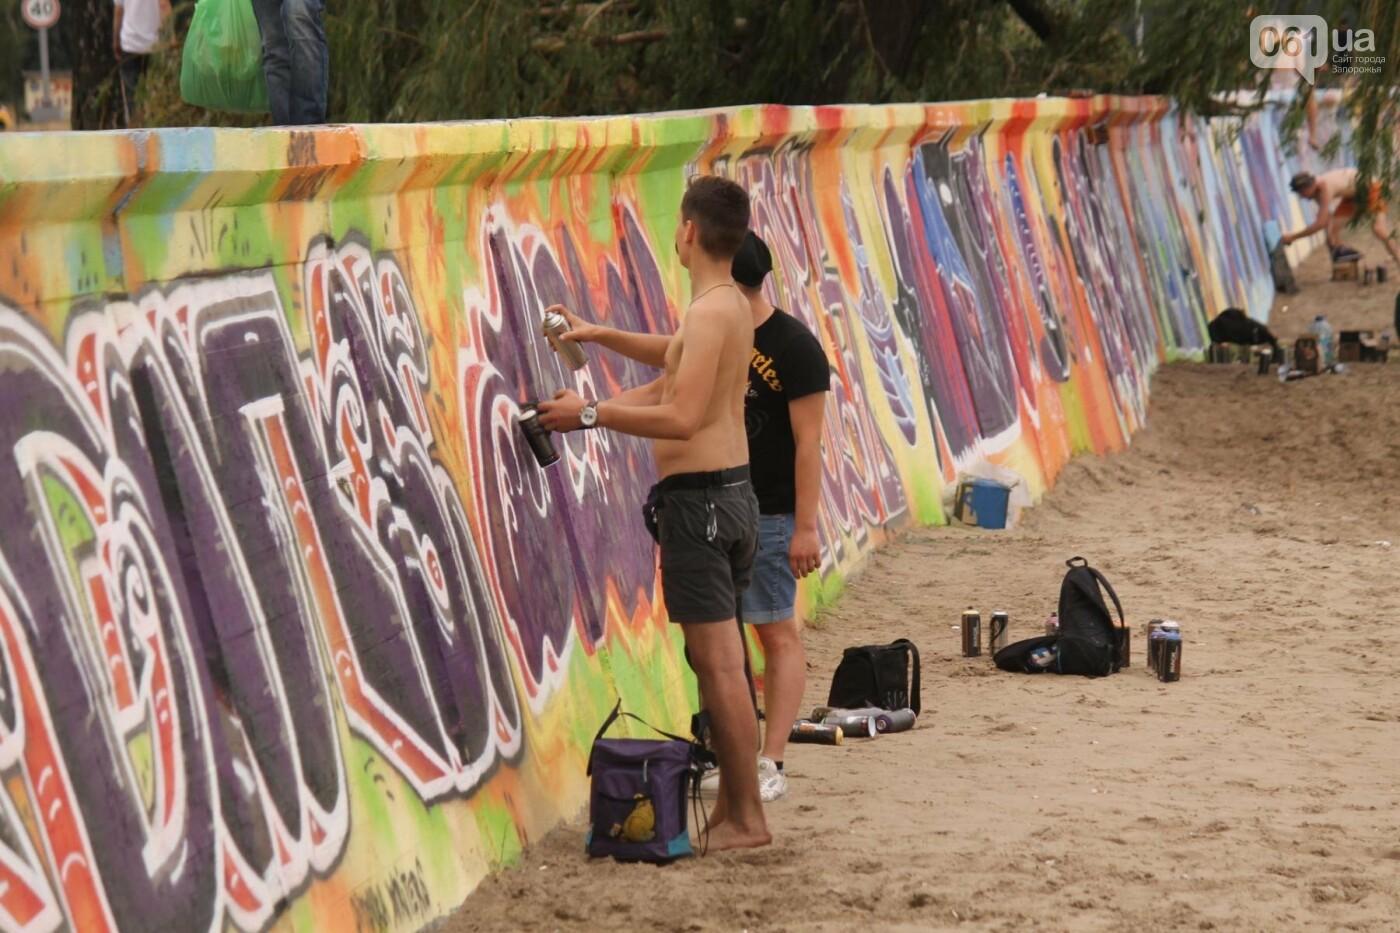 В Запорожье на пляже закончился фестиваль граффити: разрисовали 150 метров бетонной стены, – ФОТОРЕПОРТАЖ, фото-51